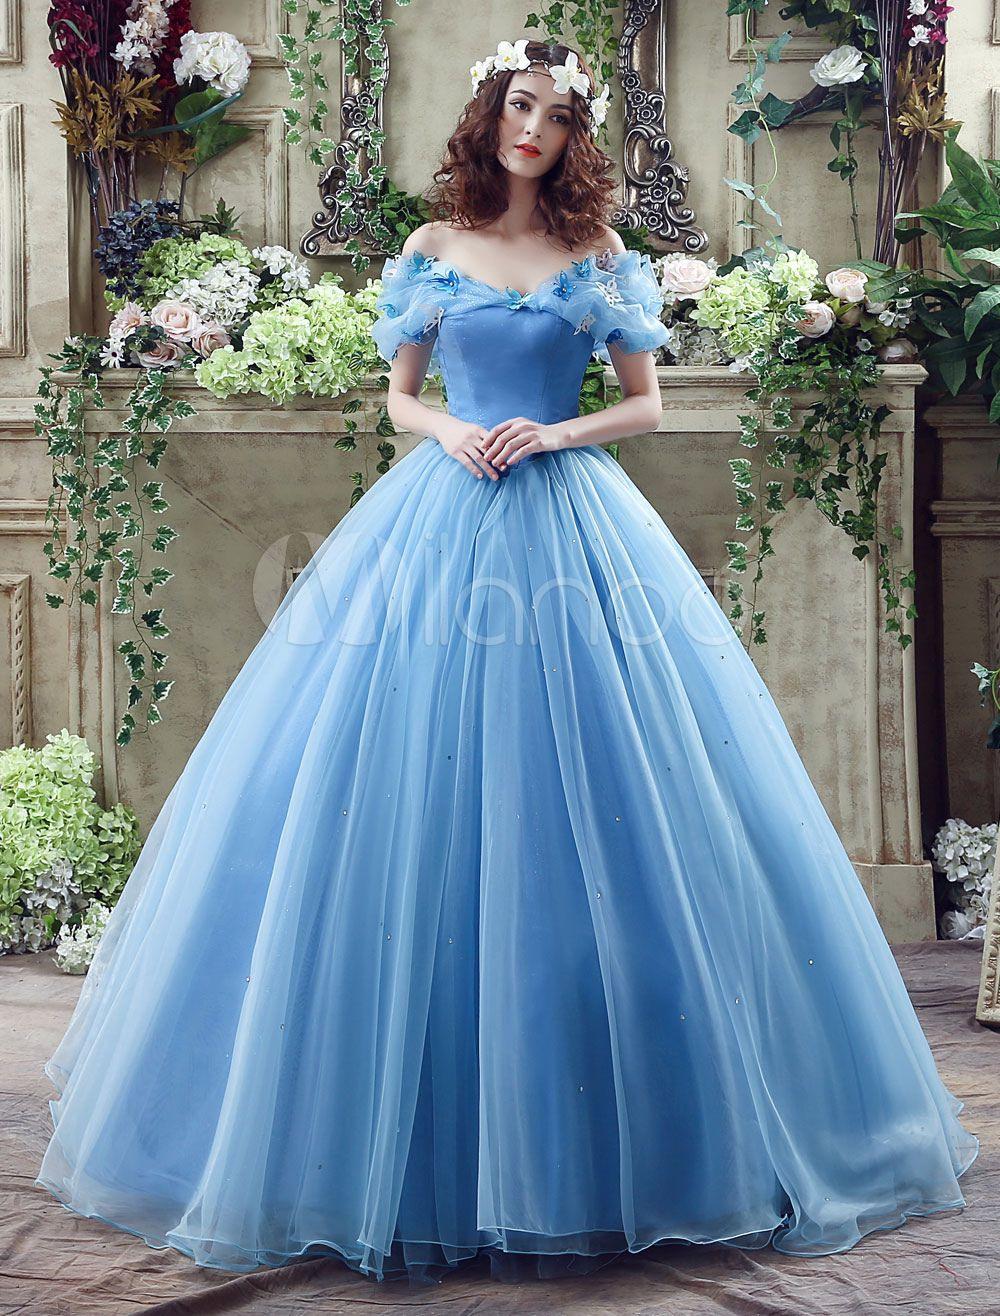 Ballkleider A-Linie- Ball Kleider Hochzeit Tüll Prinzessin